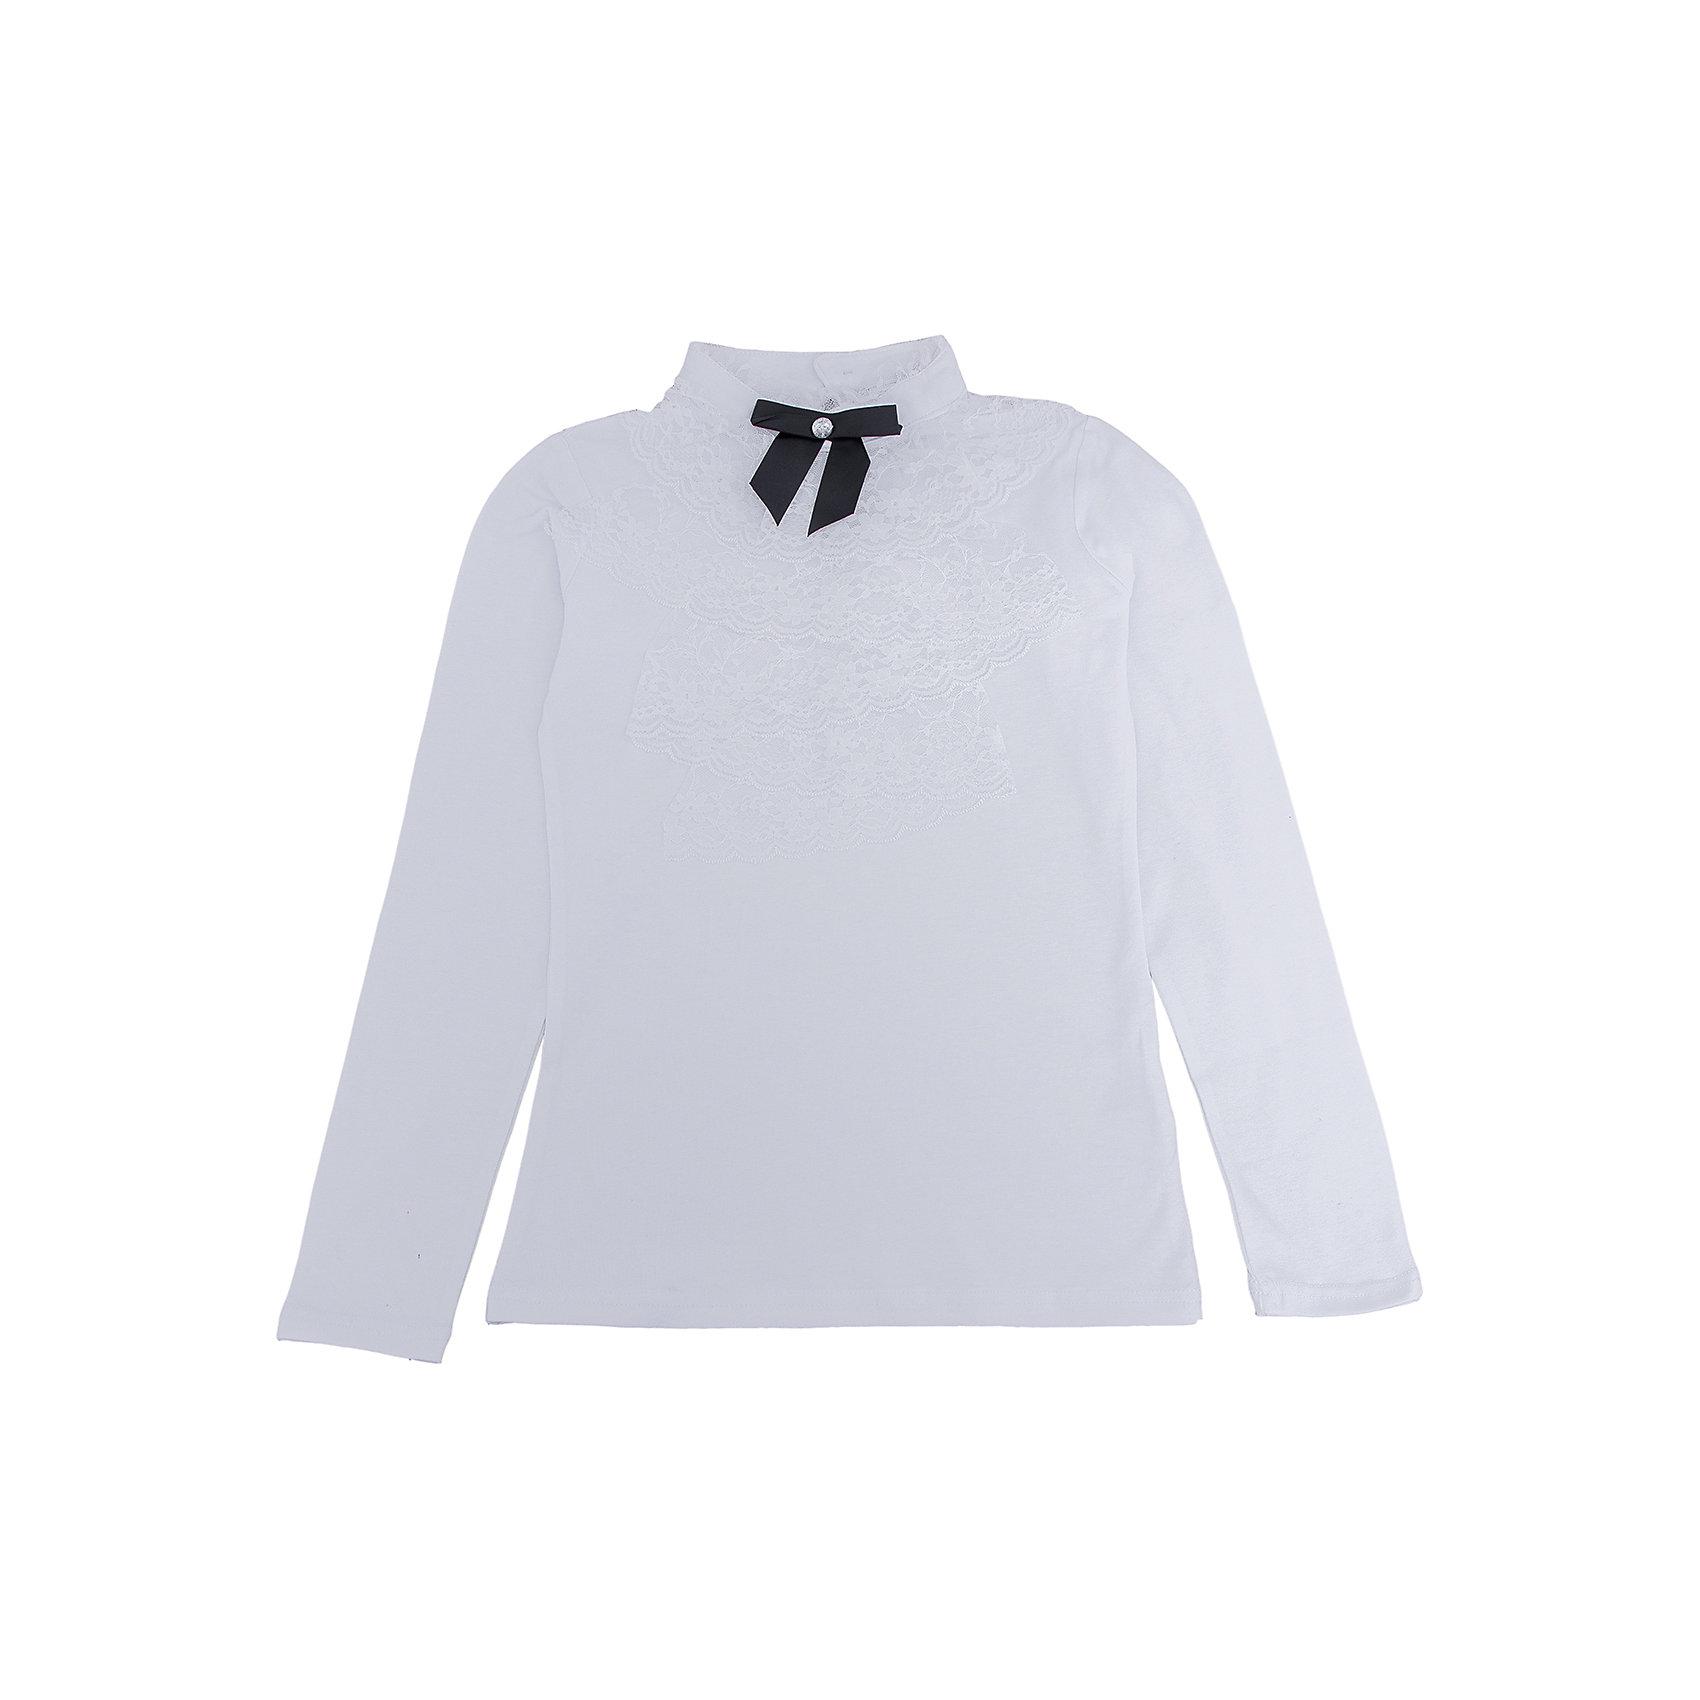 Блузка для девочки ScoolХарактеристики:<br><br>• Вид одежды: праздничная блузка, школьная форма<br>• Сезон: круглый год<br>• Материал: хлопок – 95%, эластан – 5%<br>• Цвет: белый<br>• Силуэт: прямой<br>• Длина рукава: длинный <br>• Воротник: стойка<br>• Кружевное жабо<br>• Атласный бантик<br>• Застежка: пуговица<br>• Особенности ухода: ручная стирка без применения отбеливающих средств, глажение при низкой температуре <br><br> Scool – это линейка детской одежды и обуви, которая предназначена как для повседневности, так и для праздников. Большинство моделей выполнены в классическом стиле, сочетающем в себе традиции с яркими стильными элементами и аксессуарами. Весь ассортимент одежды и обуви Scool сочетается между собой по стилю и цветовому решению, поэтому Вам будет легко сформировать гардероб вашего ребенка, который отражает его индивидуальность. <br>Блузка для девочки Scool выполнена из хлопка с добавлением эластана, что обеспечивает износоустойчивость и сохранение формы даже при длительной носке и частых стирках. Белая блузка выполнена в классическом стиле: имеет прямой крой, длинный рукав и воротник-стойку. Декорировано изделие стильными элементами: воротник-жабо из белого гипюра с бантиком из узкой атласной ленты черного цвета. Сзади на спинке предусмотрена застежка на пуговицу. Блузка для девочки Scool, – это идеальный вариант для школьных торжественных мероприятий!<br><br>Блузку для девочки Scool, можно купить в нашем интернет-магазине.<br><br>Ширина мм: 186<br>Глубина мм: 87<br>Высота мм: 198<br>Вес г: 197<br>Цвет: белый<br>Возраст от месяцев: 120<br>Возраст до месяцев: 132<br>Пол: Женский<br>Возраст: Детский<br>Размер: 140,152,158,146,164,134<br>SKU: 5078531